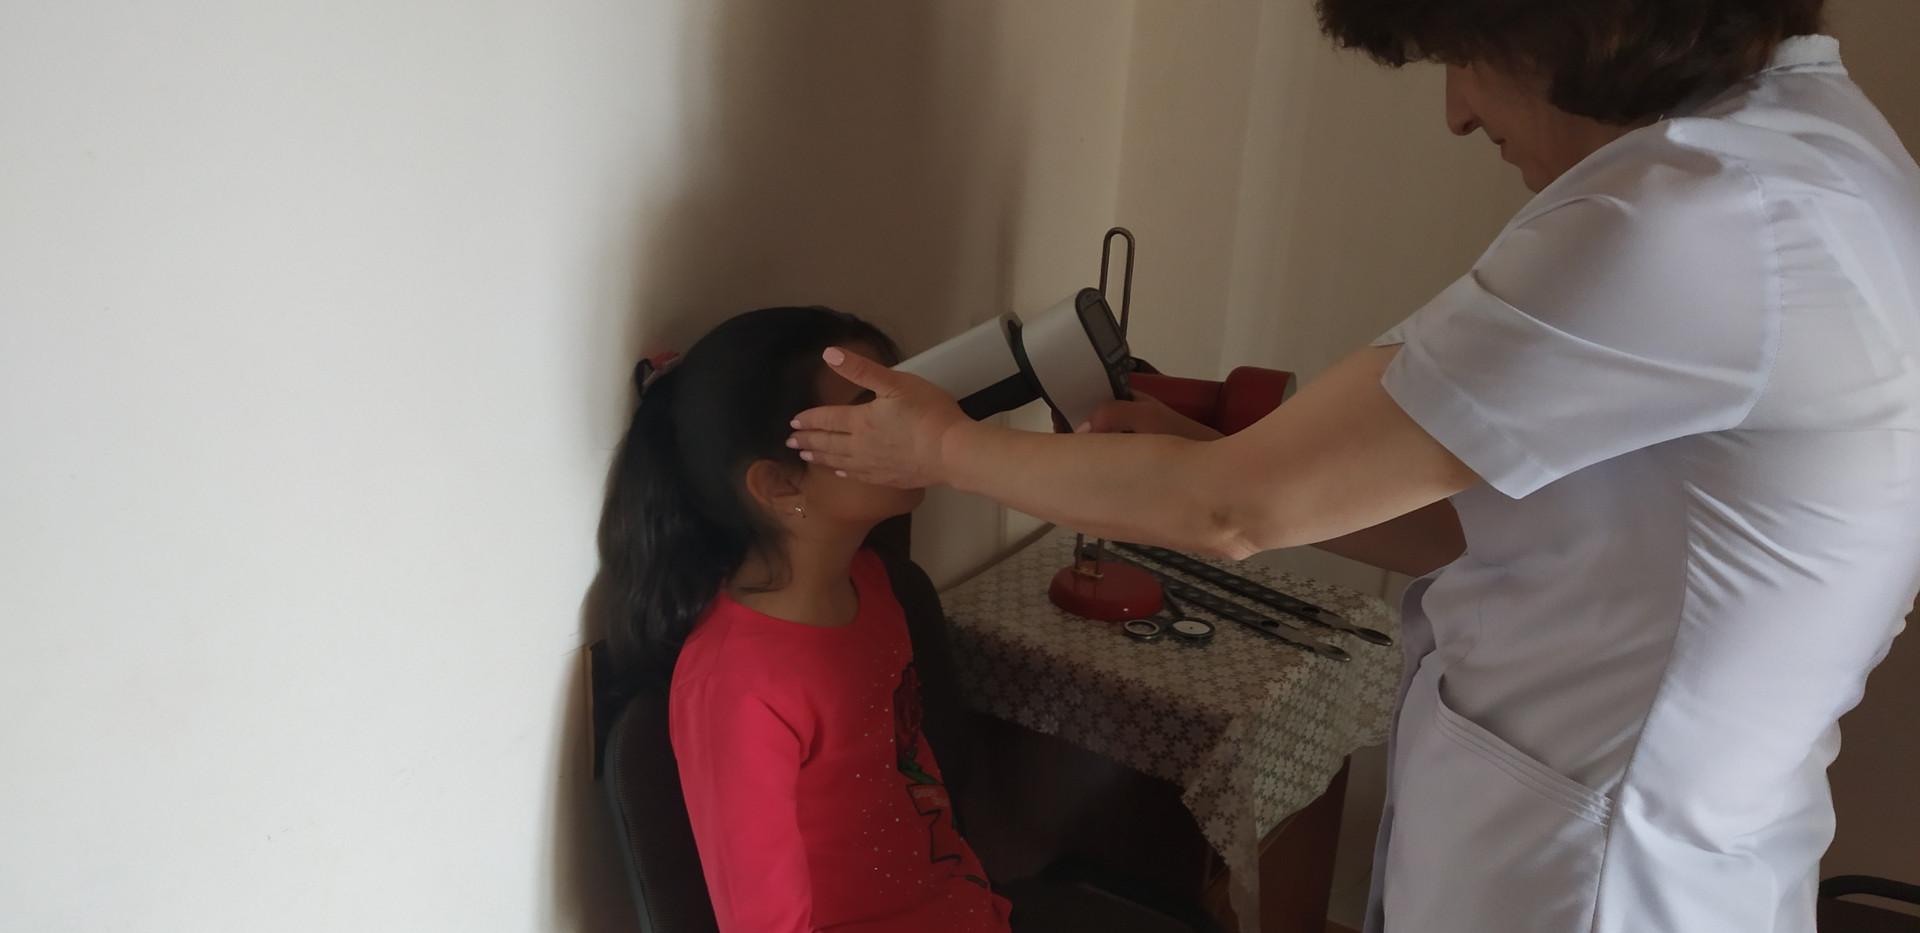 Камера цифровая офтальмологическая.jpg